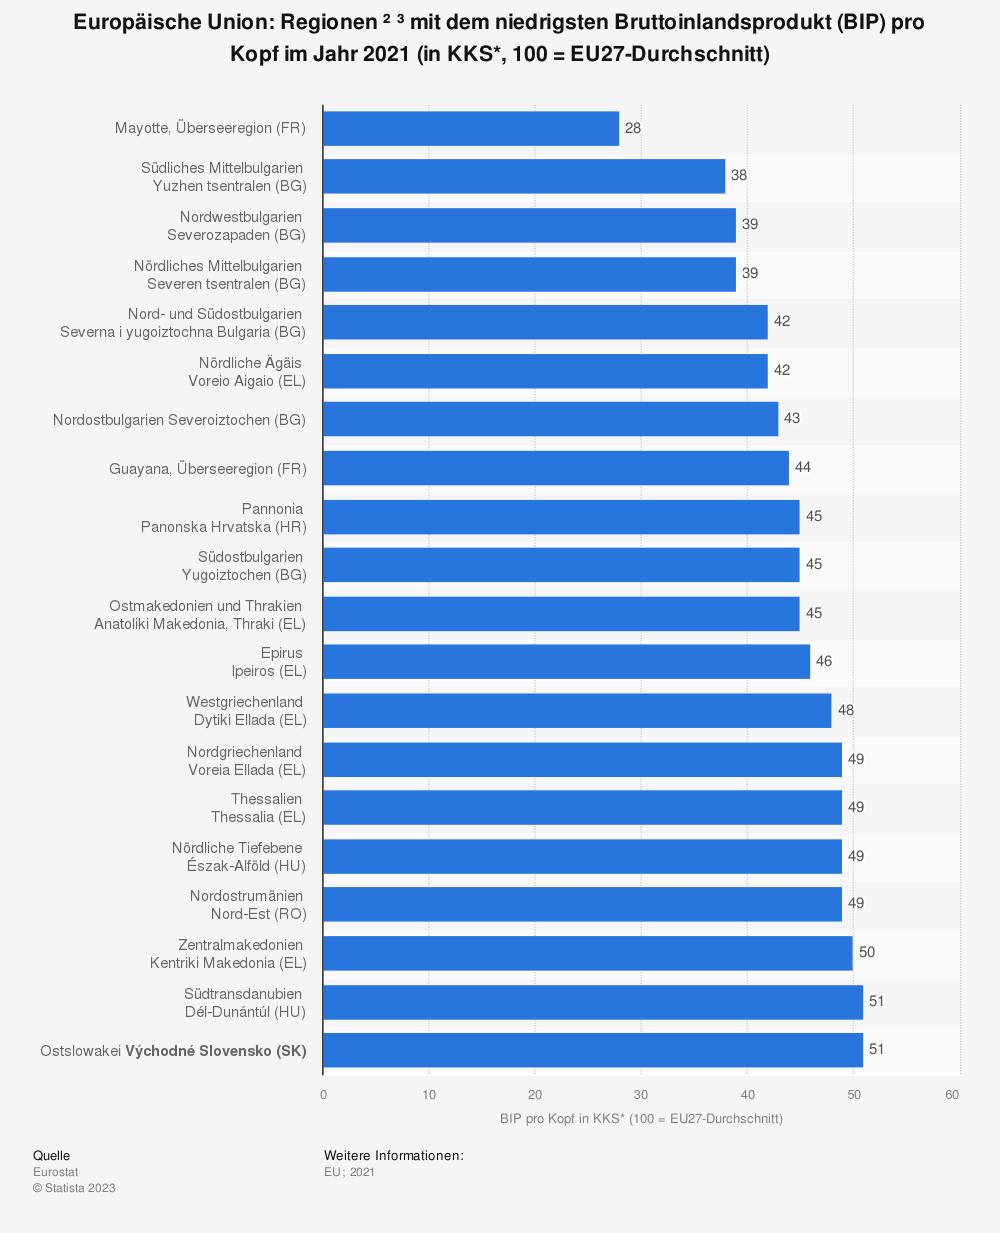 Statistik: Europäische Union: Regionen mit dem niedrigsten Bruttoinlandsprodukt (BIP) pro Kopf im Jahr 2015 (in KKS*, 100 = EU-Durchschnitt) | Statista